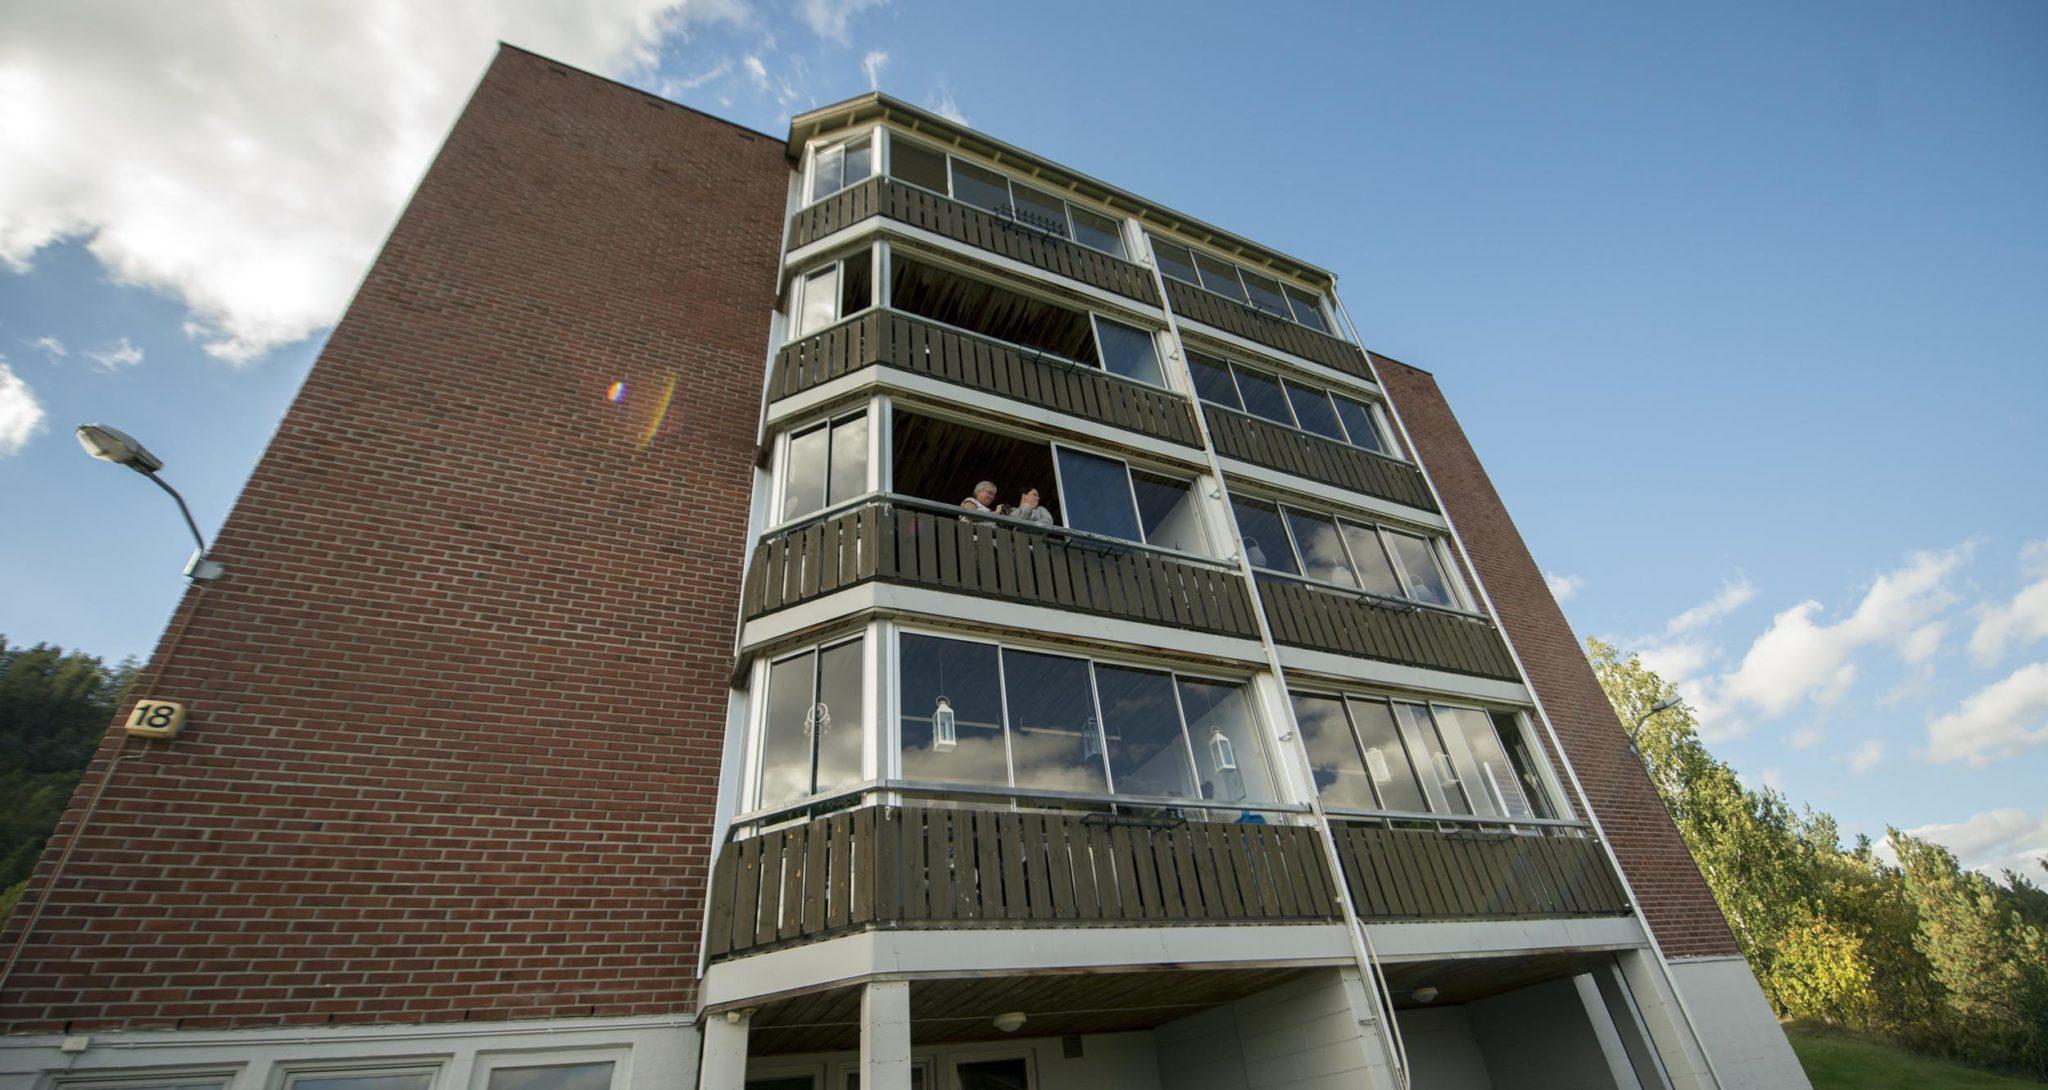 Sju blokker med tilsammen 112 leiligheter har blitt oppgradert. Foto: Bjørn Isaksen